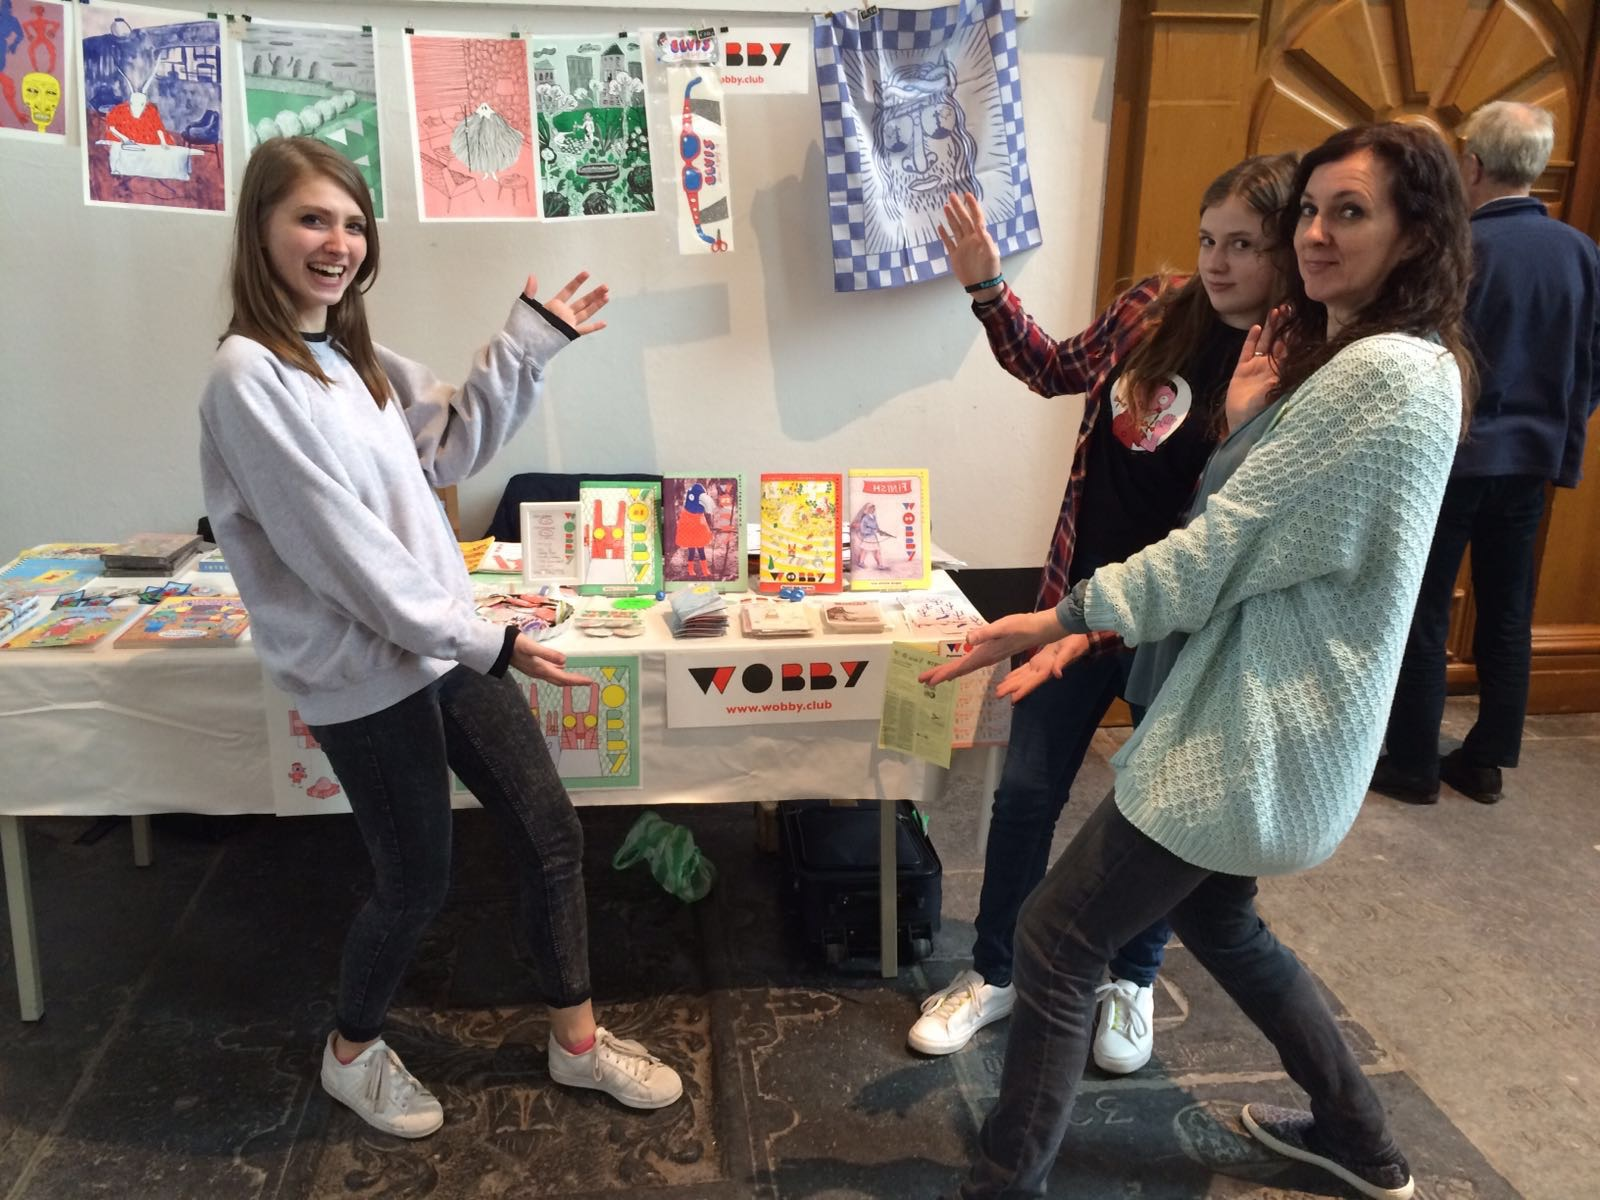 De dames Eva Stalinski (Wobby #1 gast), Tina de Leijer (de dochter van) en Marjolein Schalk bij de Wobby-stand.